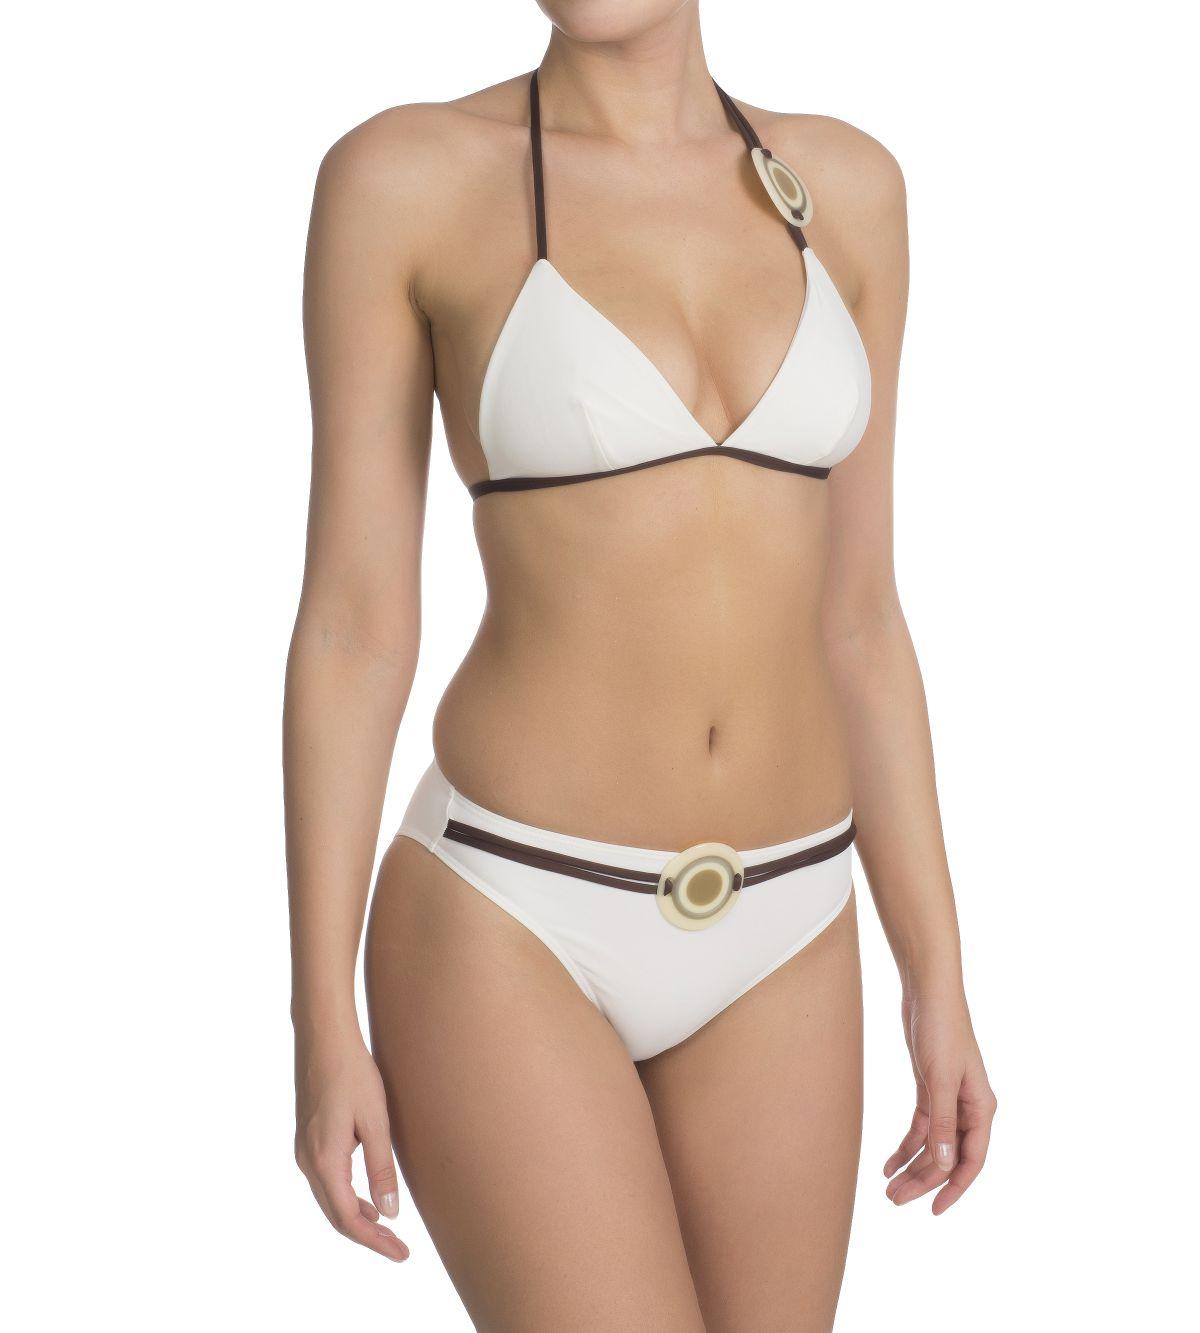 Bikini po sezonie, kilka rodzajów :)